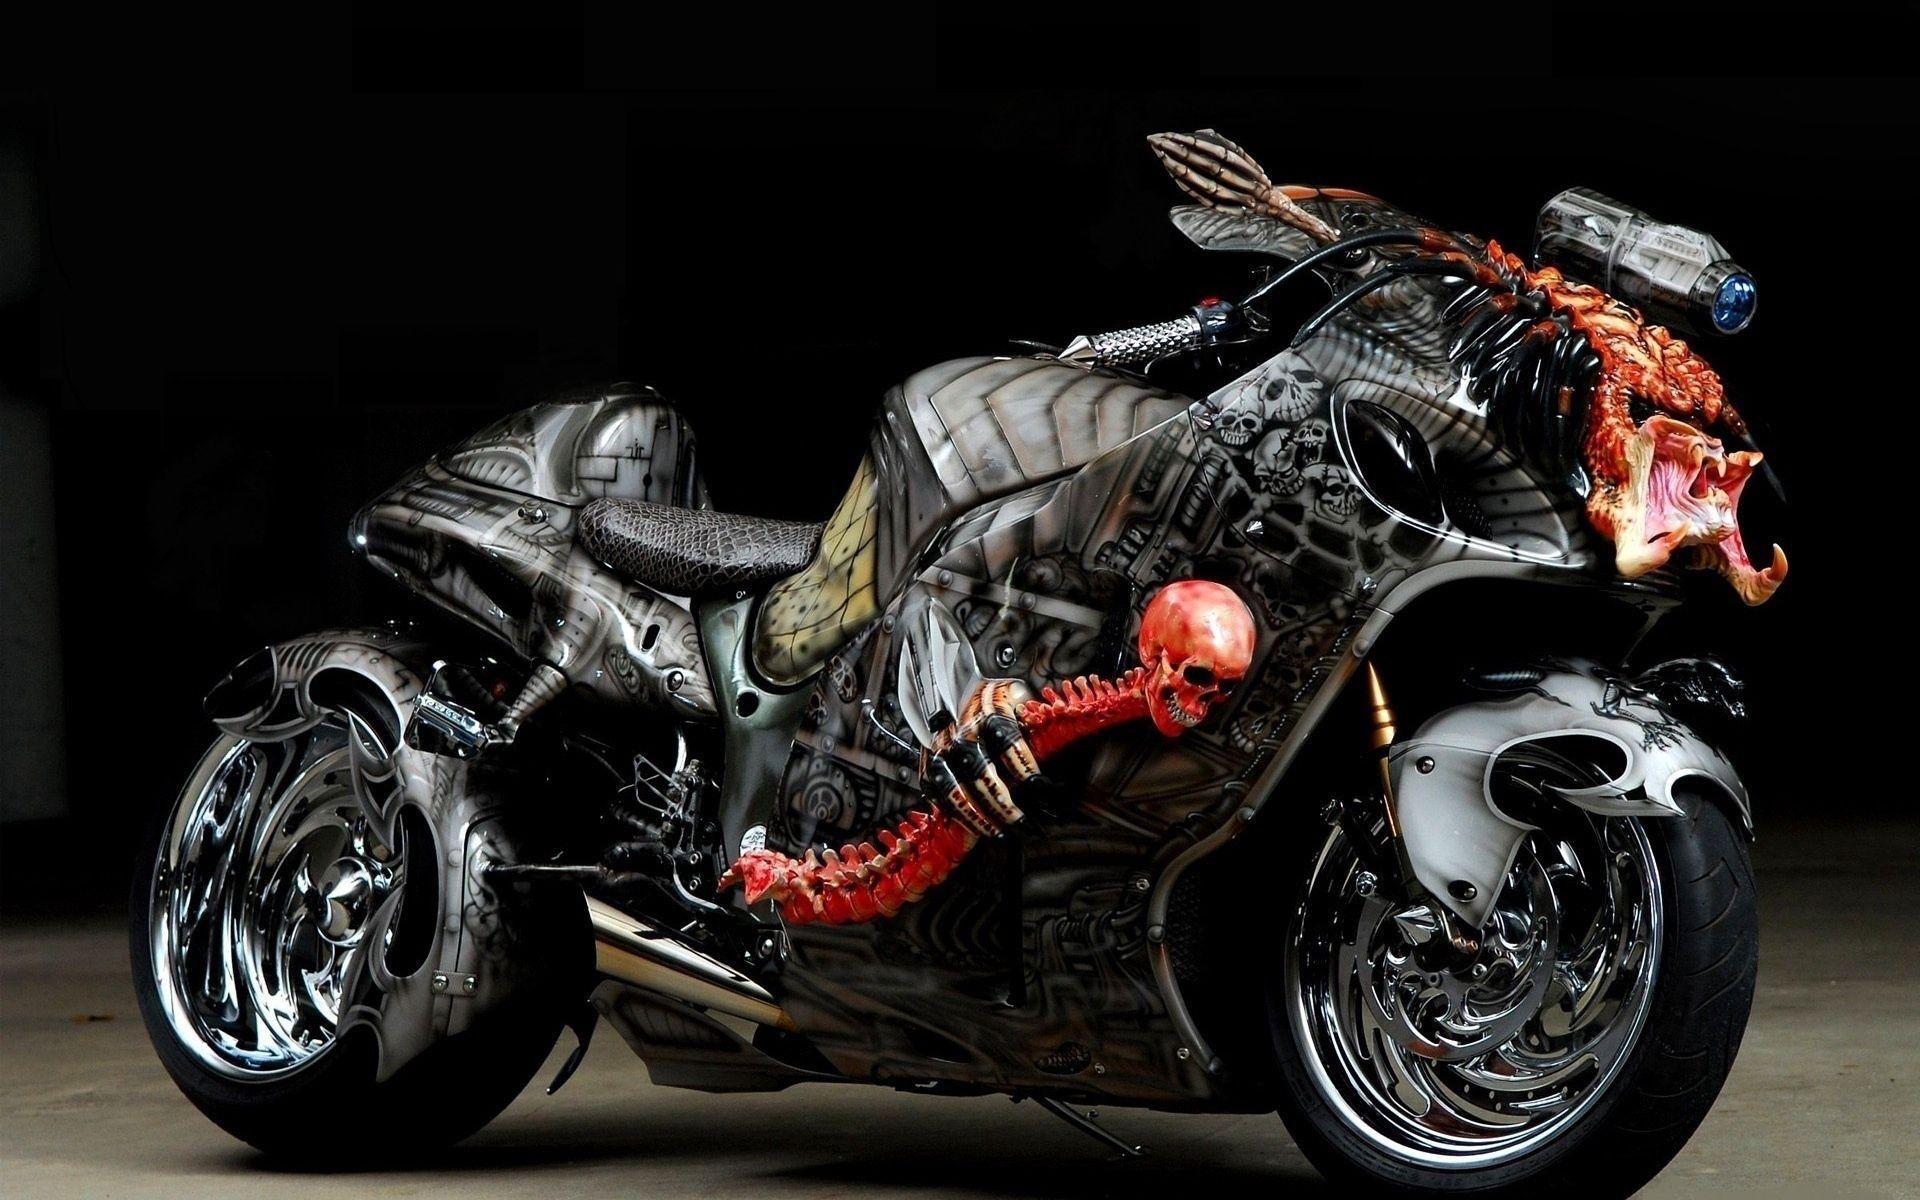 95637 скачать обои Мотоциклы, Тюнинг, Спортбайк, Аэрография, Дизайн - заставки и картинки бесплатно